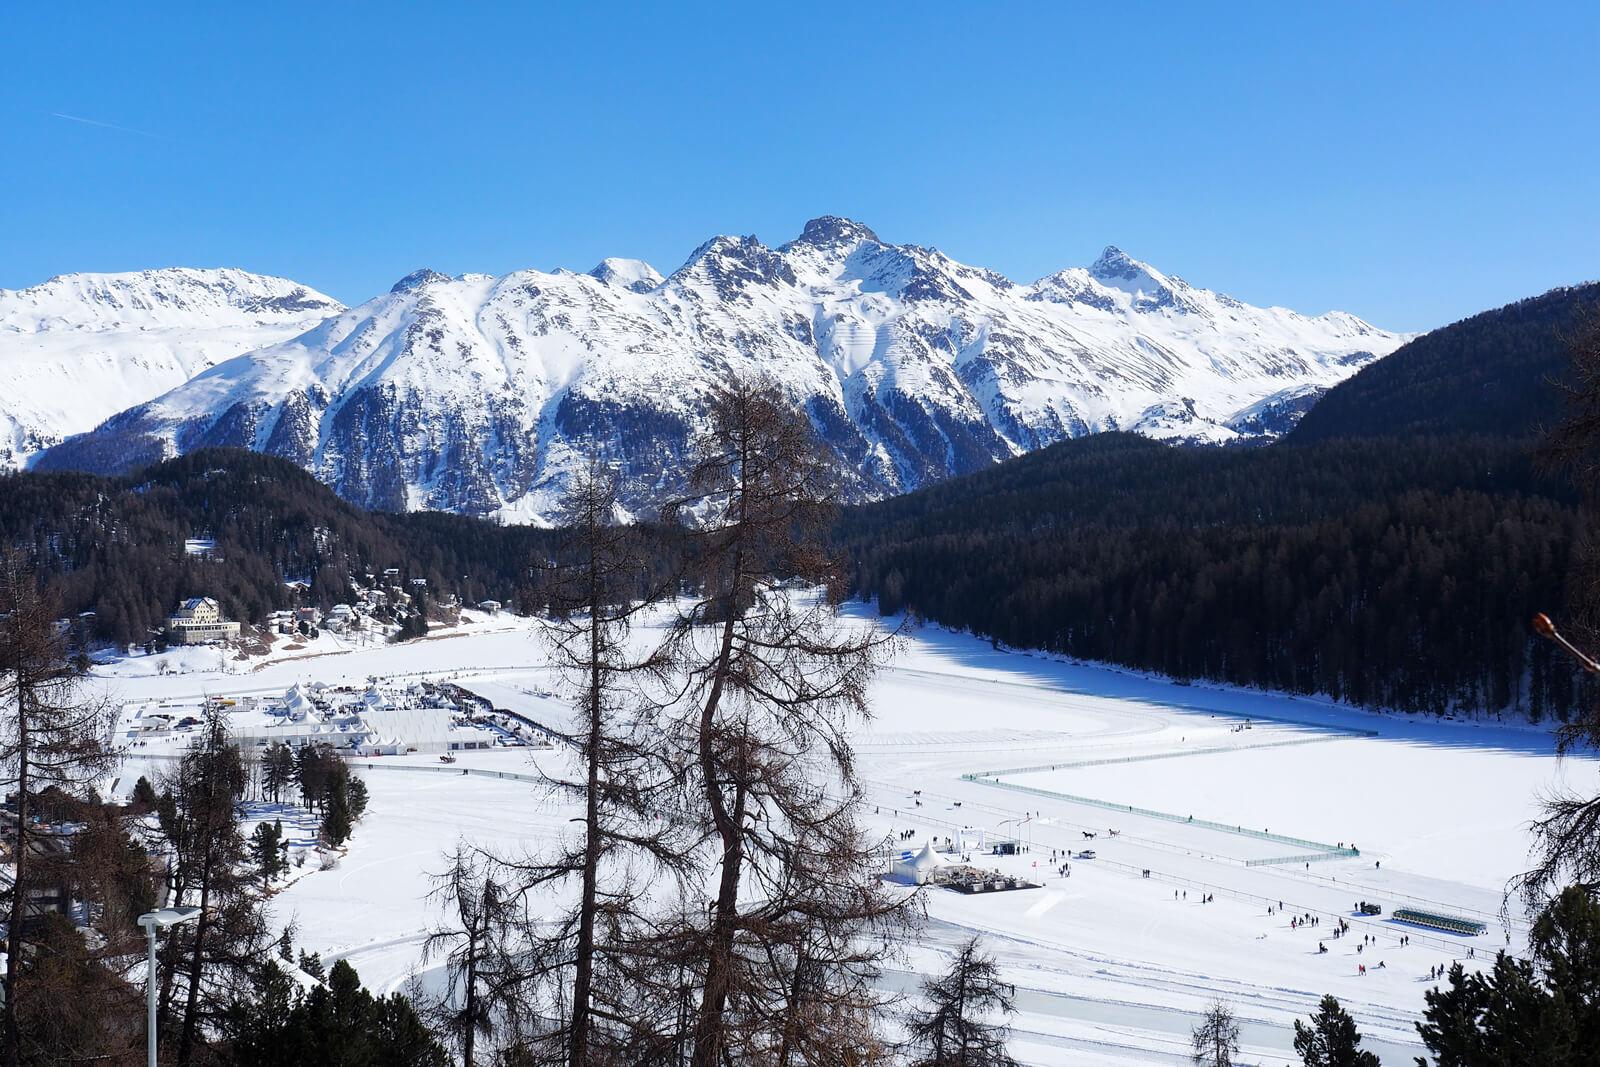 White Turf St. Moritz 2020